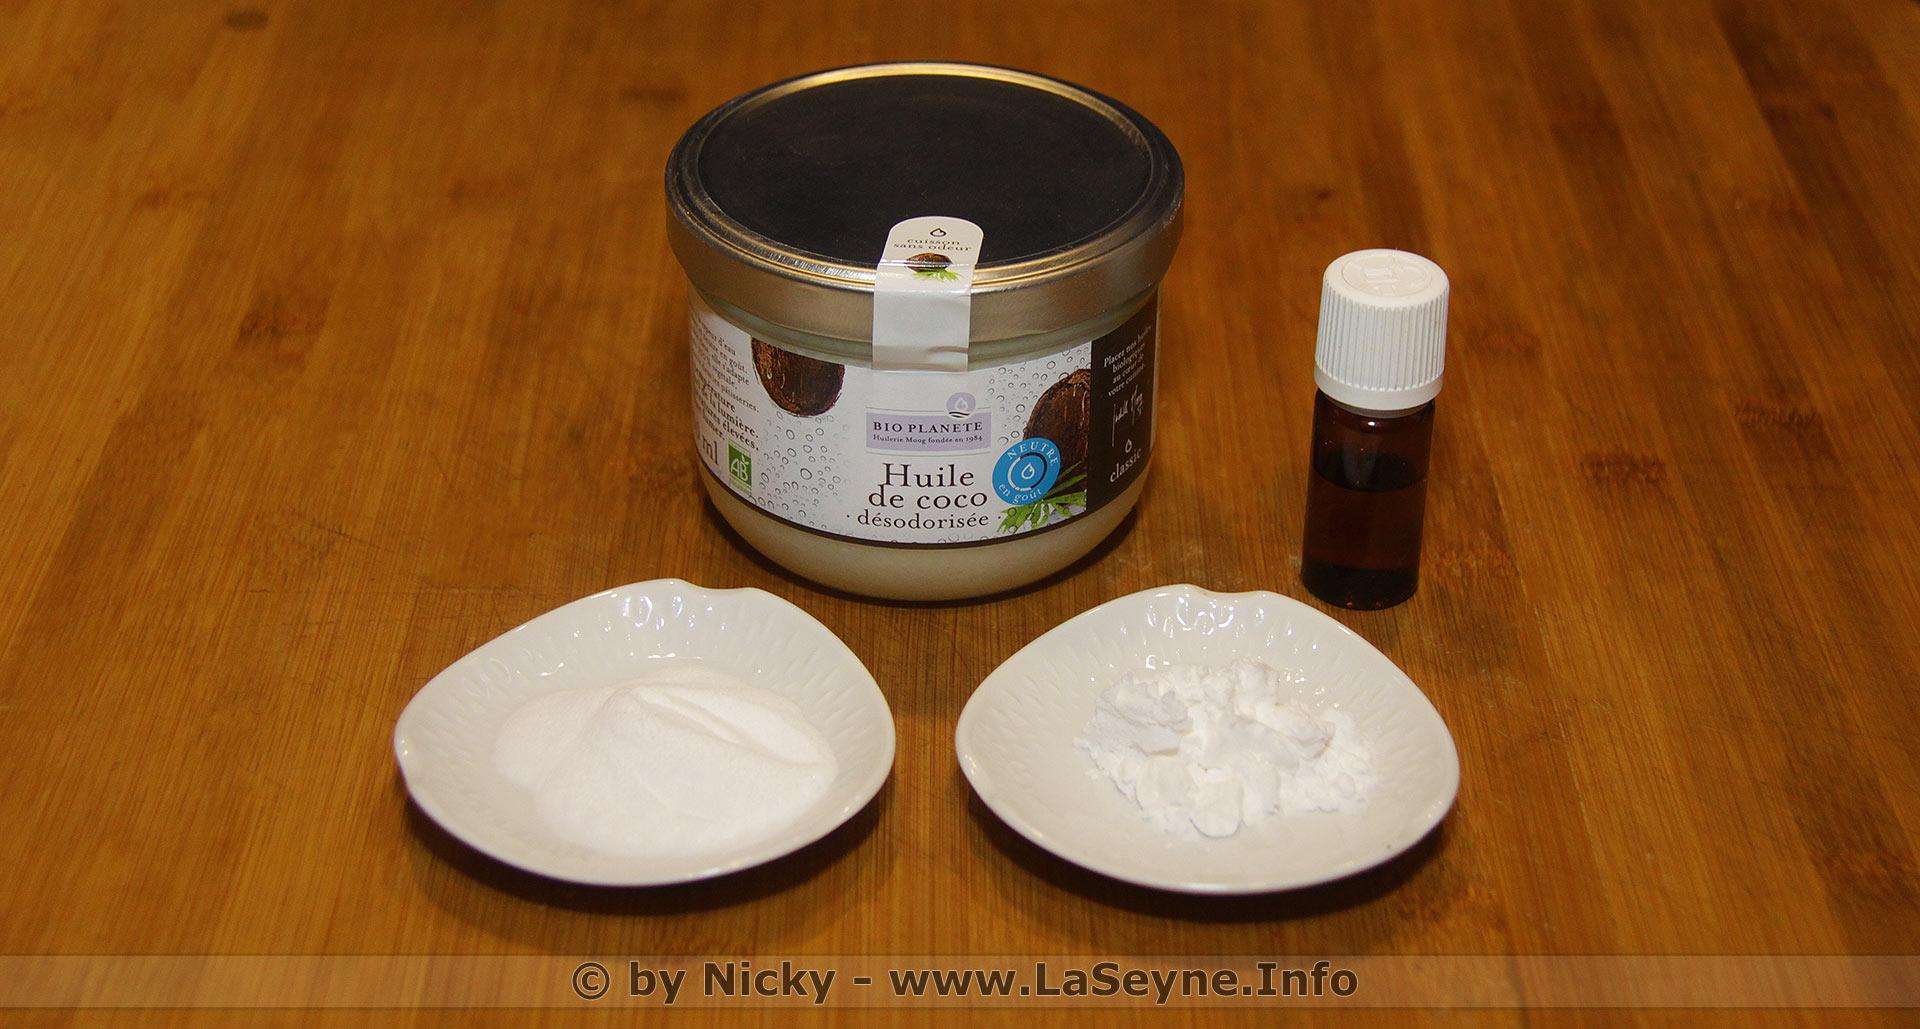 Laseyne Info Comment Faire Son Deodorant Naturel De Competition Fait Maison